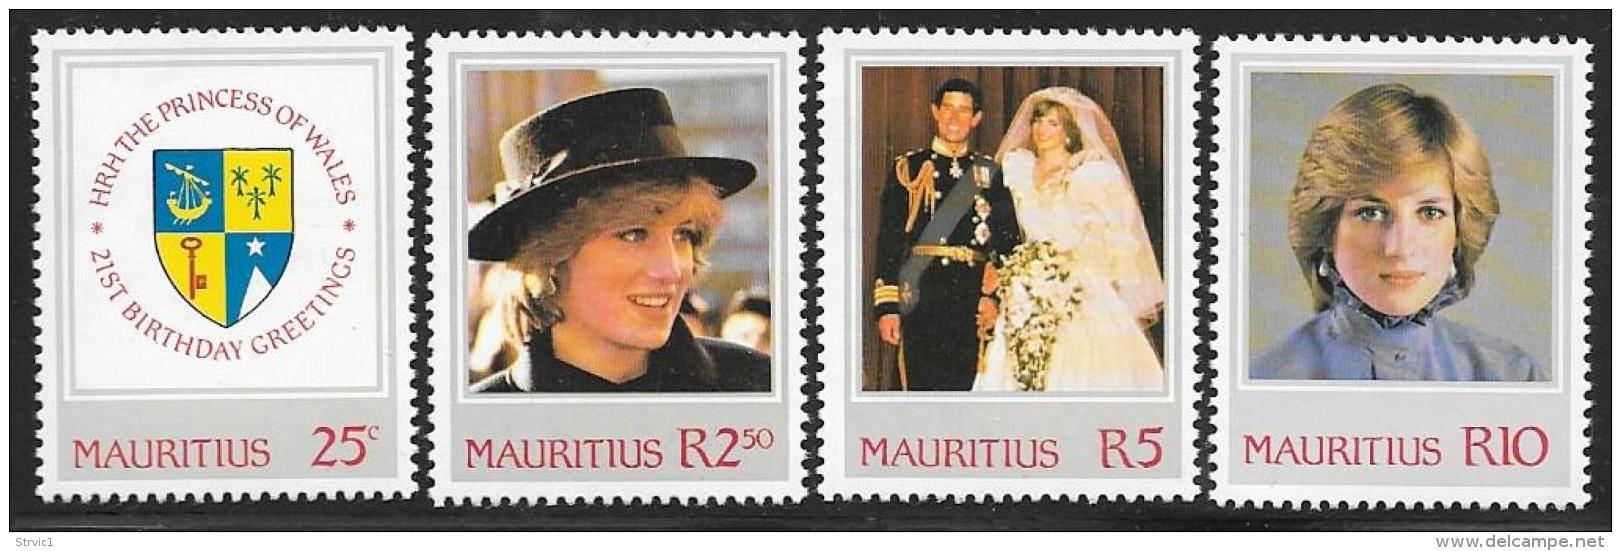 Mauritius, Scott # 548-51 MNH Princess Diana, 1982 - Mauritius (1968-...)